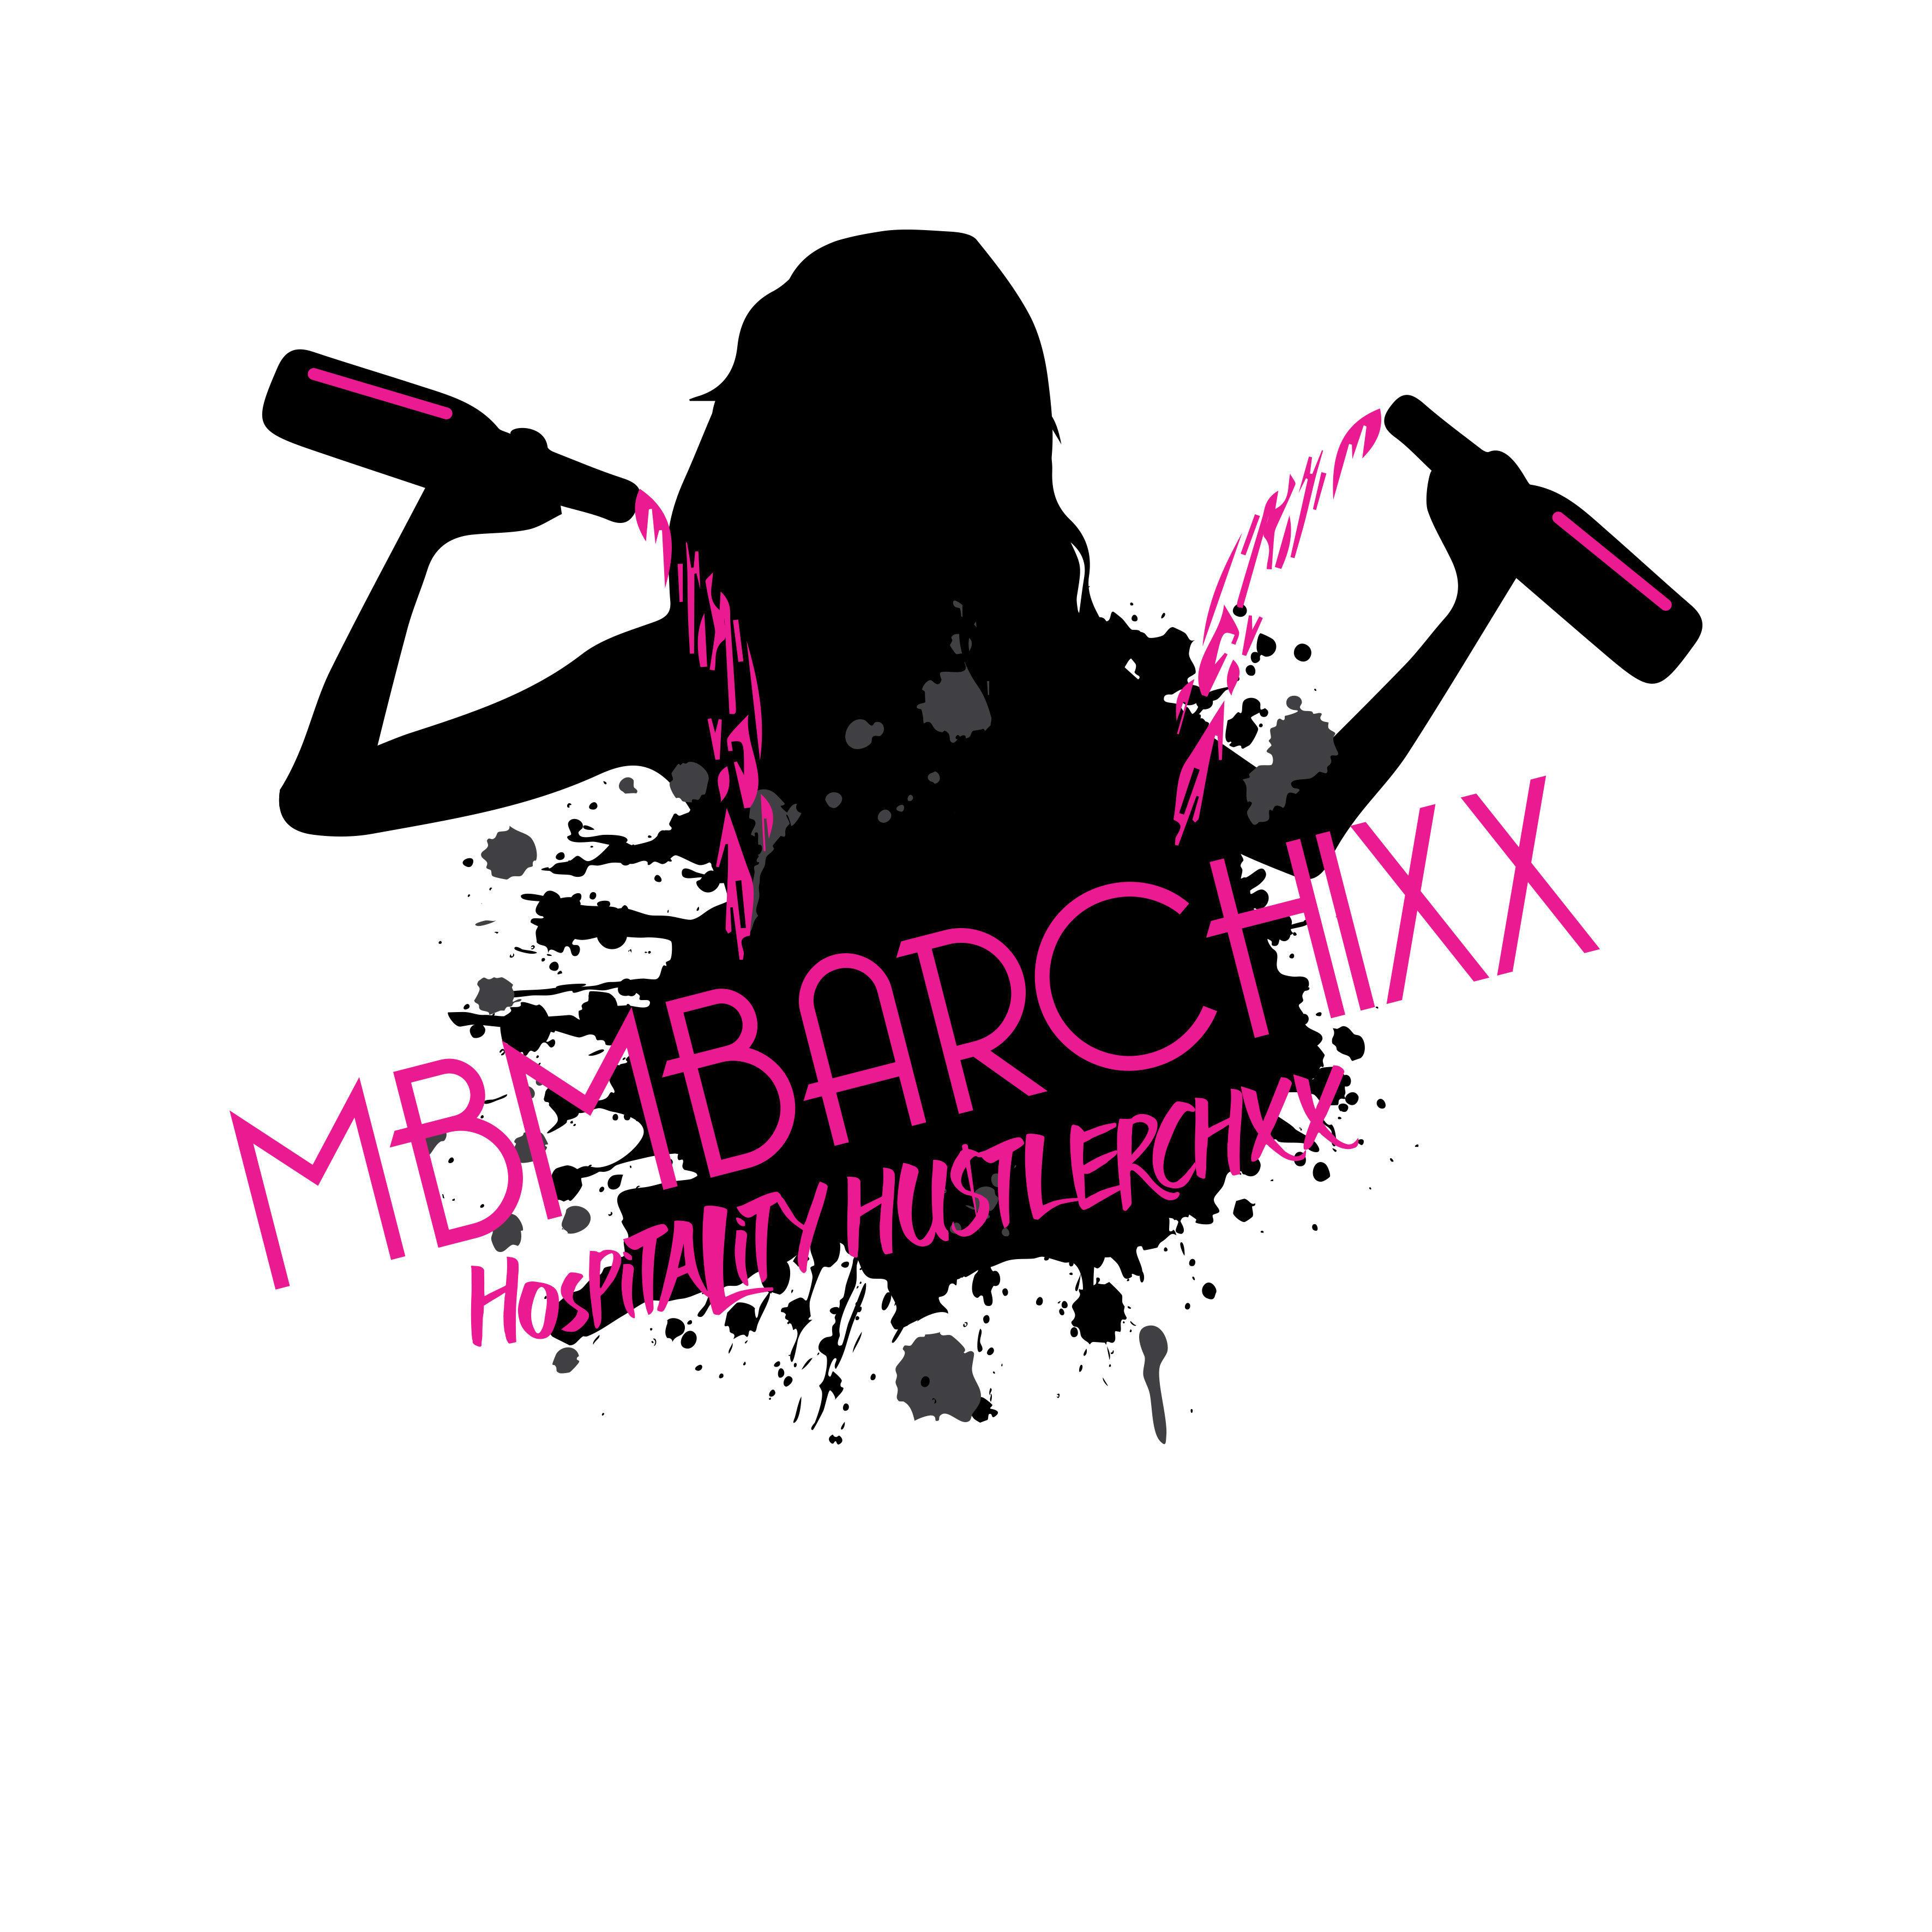 MBMBARCHIXX LLC